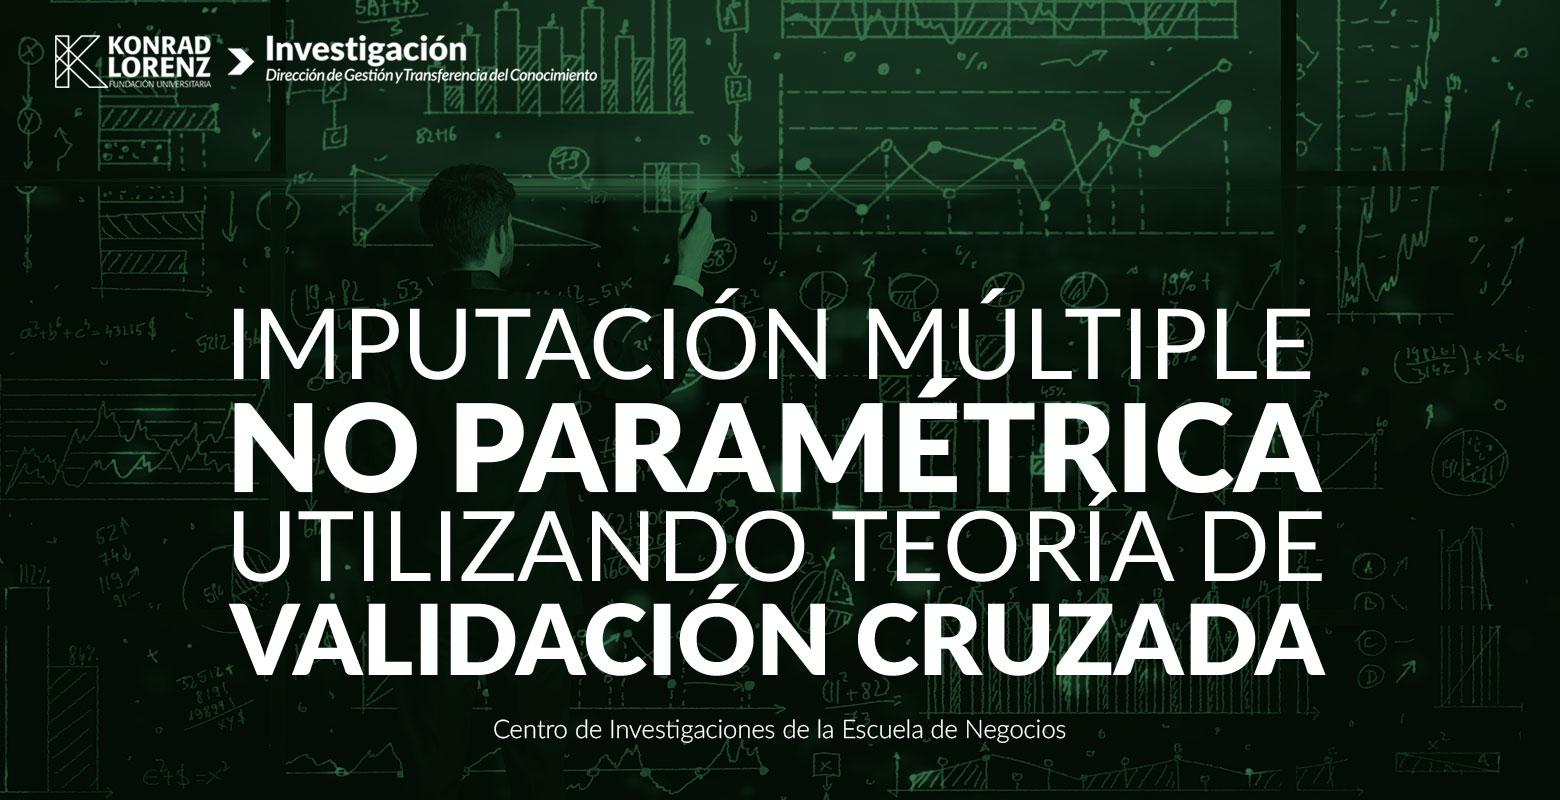 Imputación múltiple no paramétrica utilizando teoría de validación cruzada